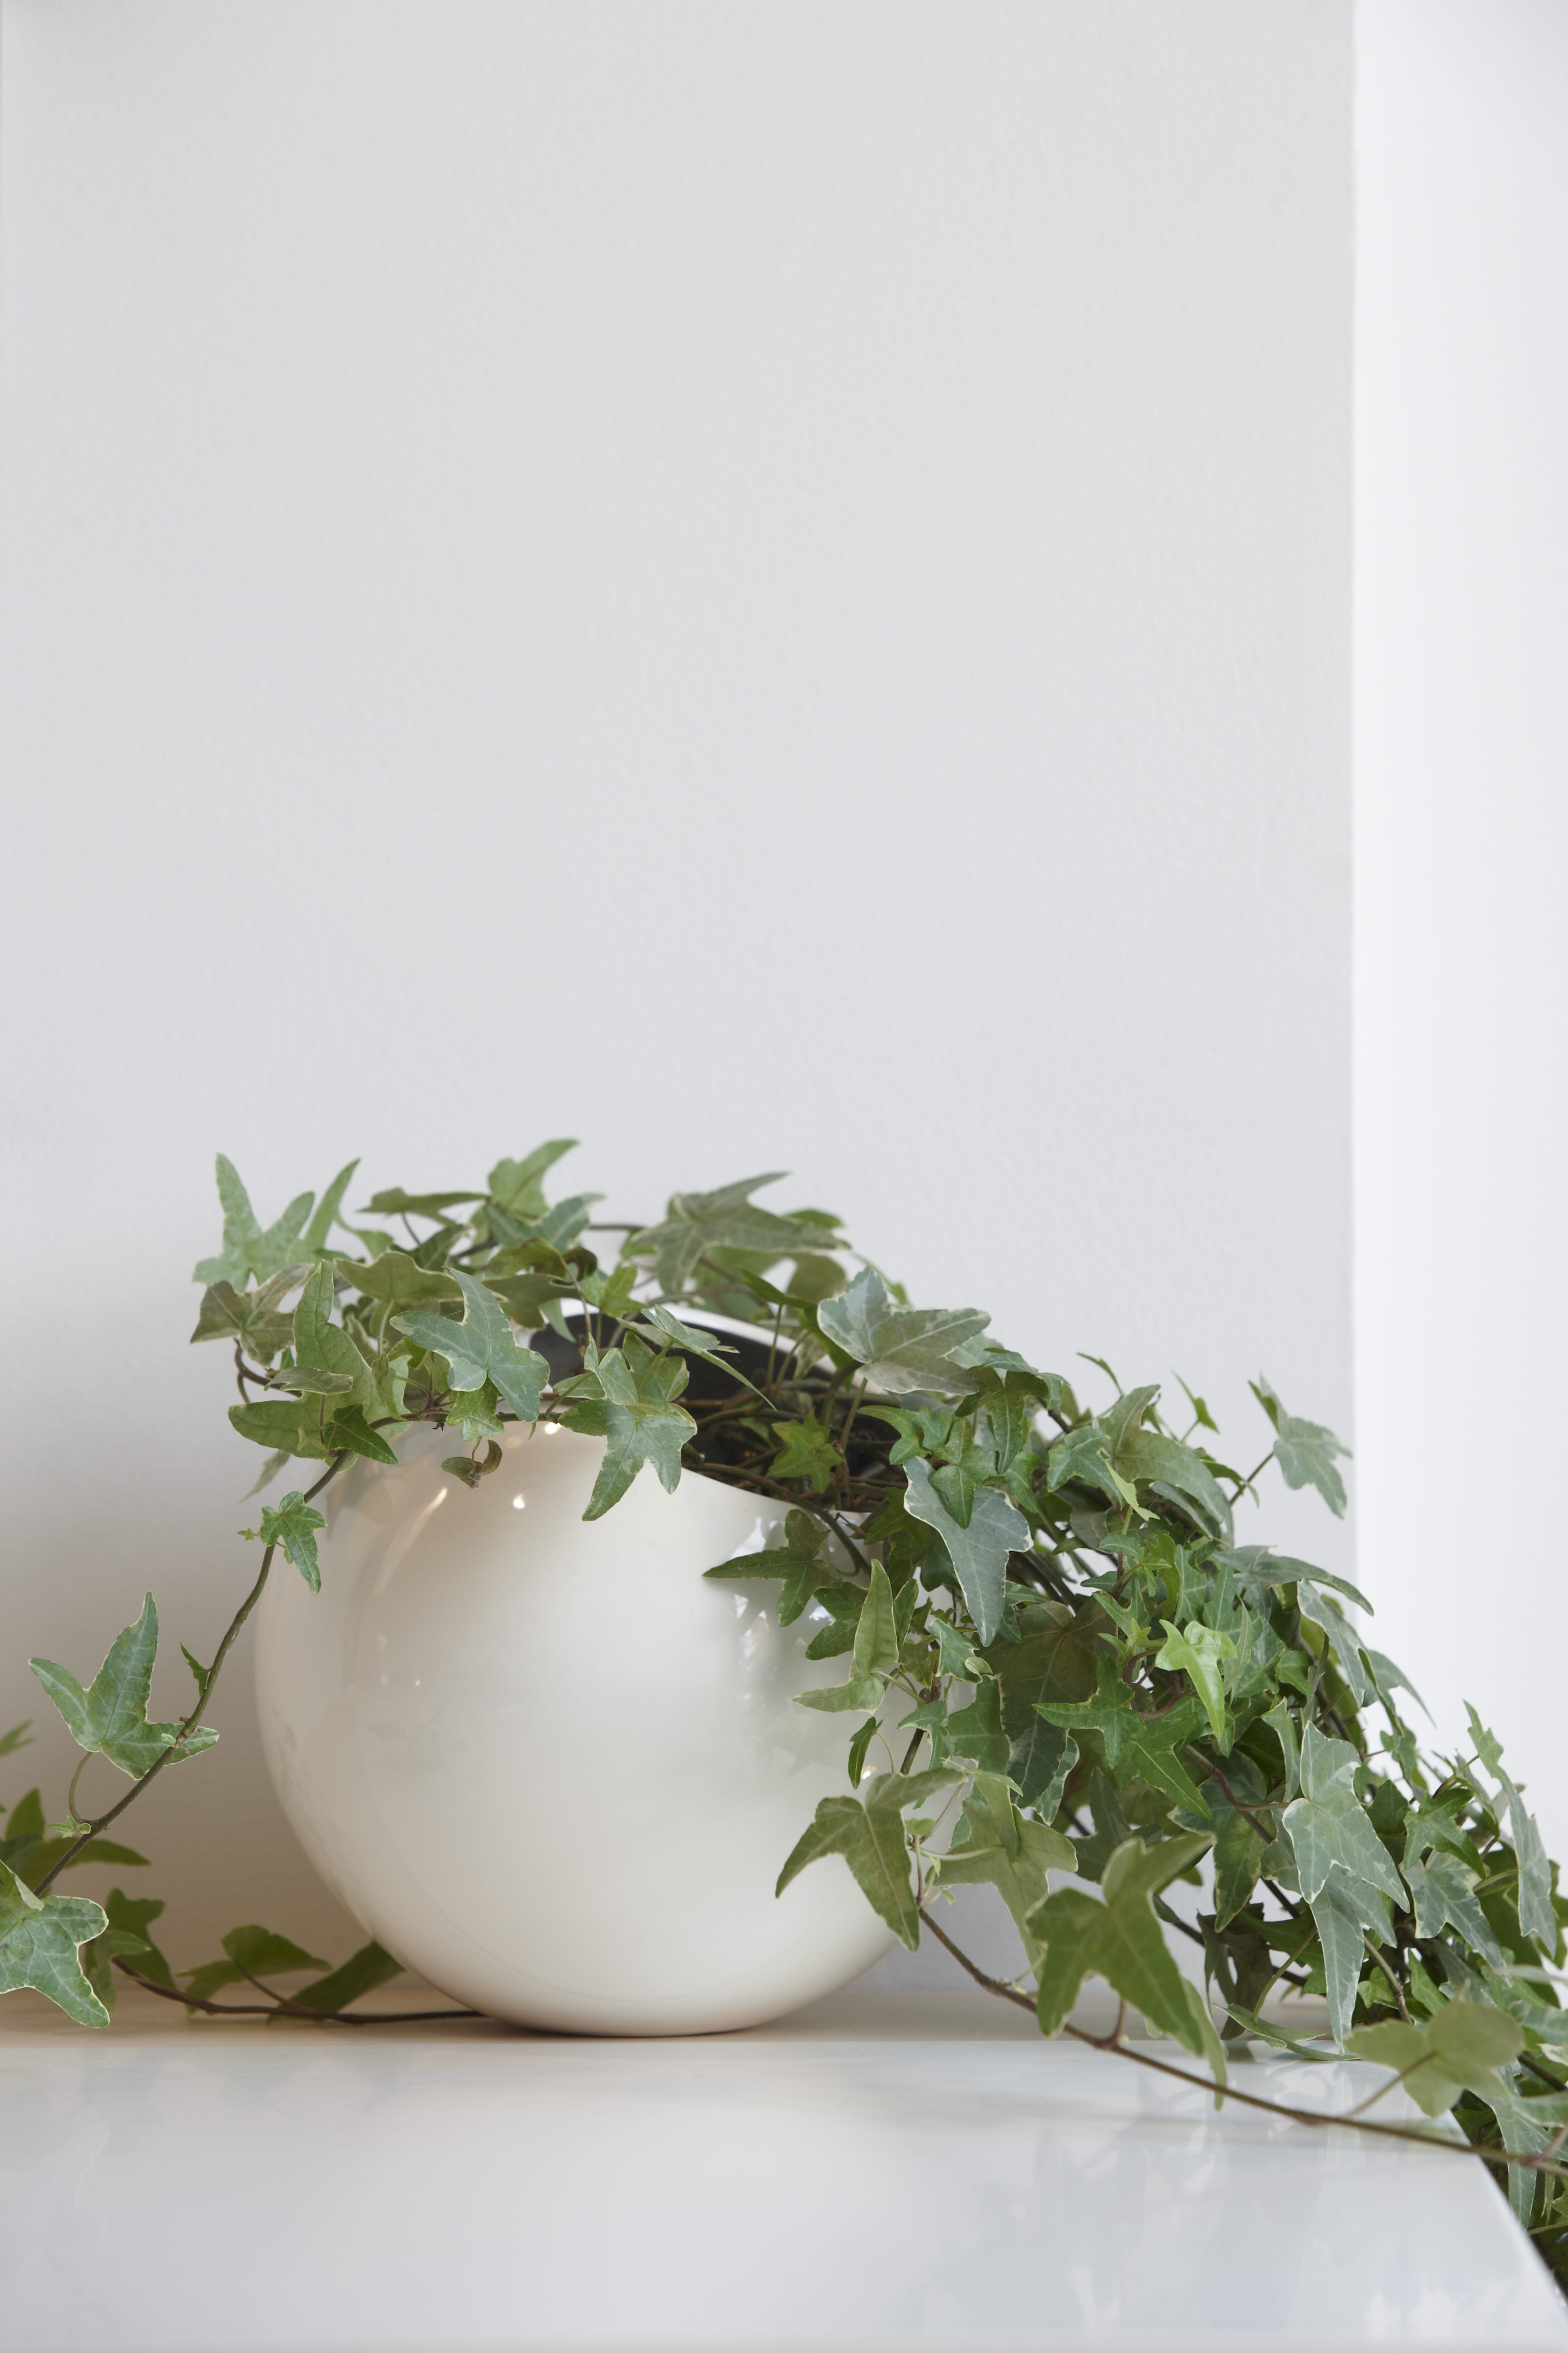 Vigne Lierre En Pot 10 Plantes D 39 Int Rieur Suspendre Journal Des Femmes